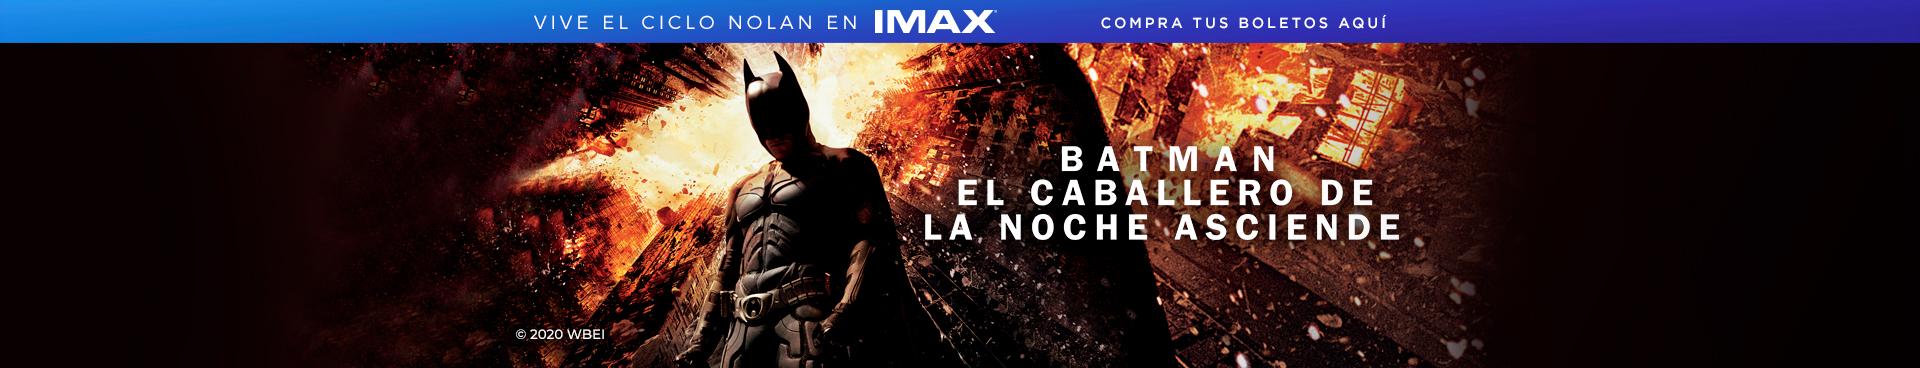 Ciclo Nolan: Batman: El Caballero de la Noche Asciende